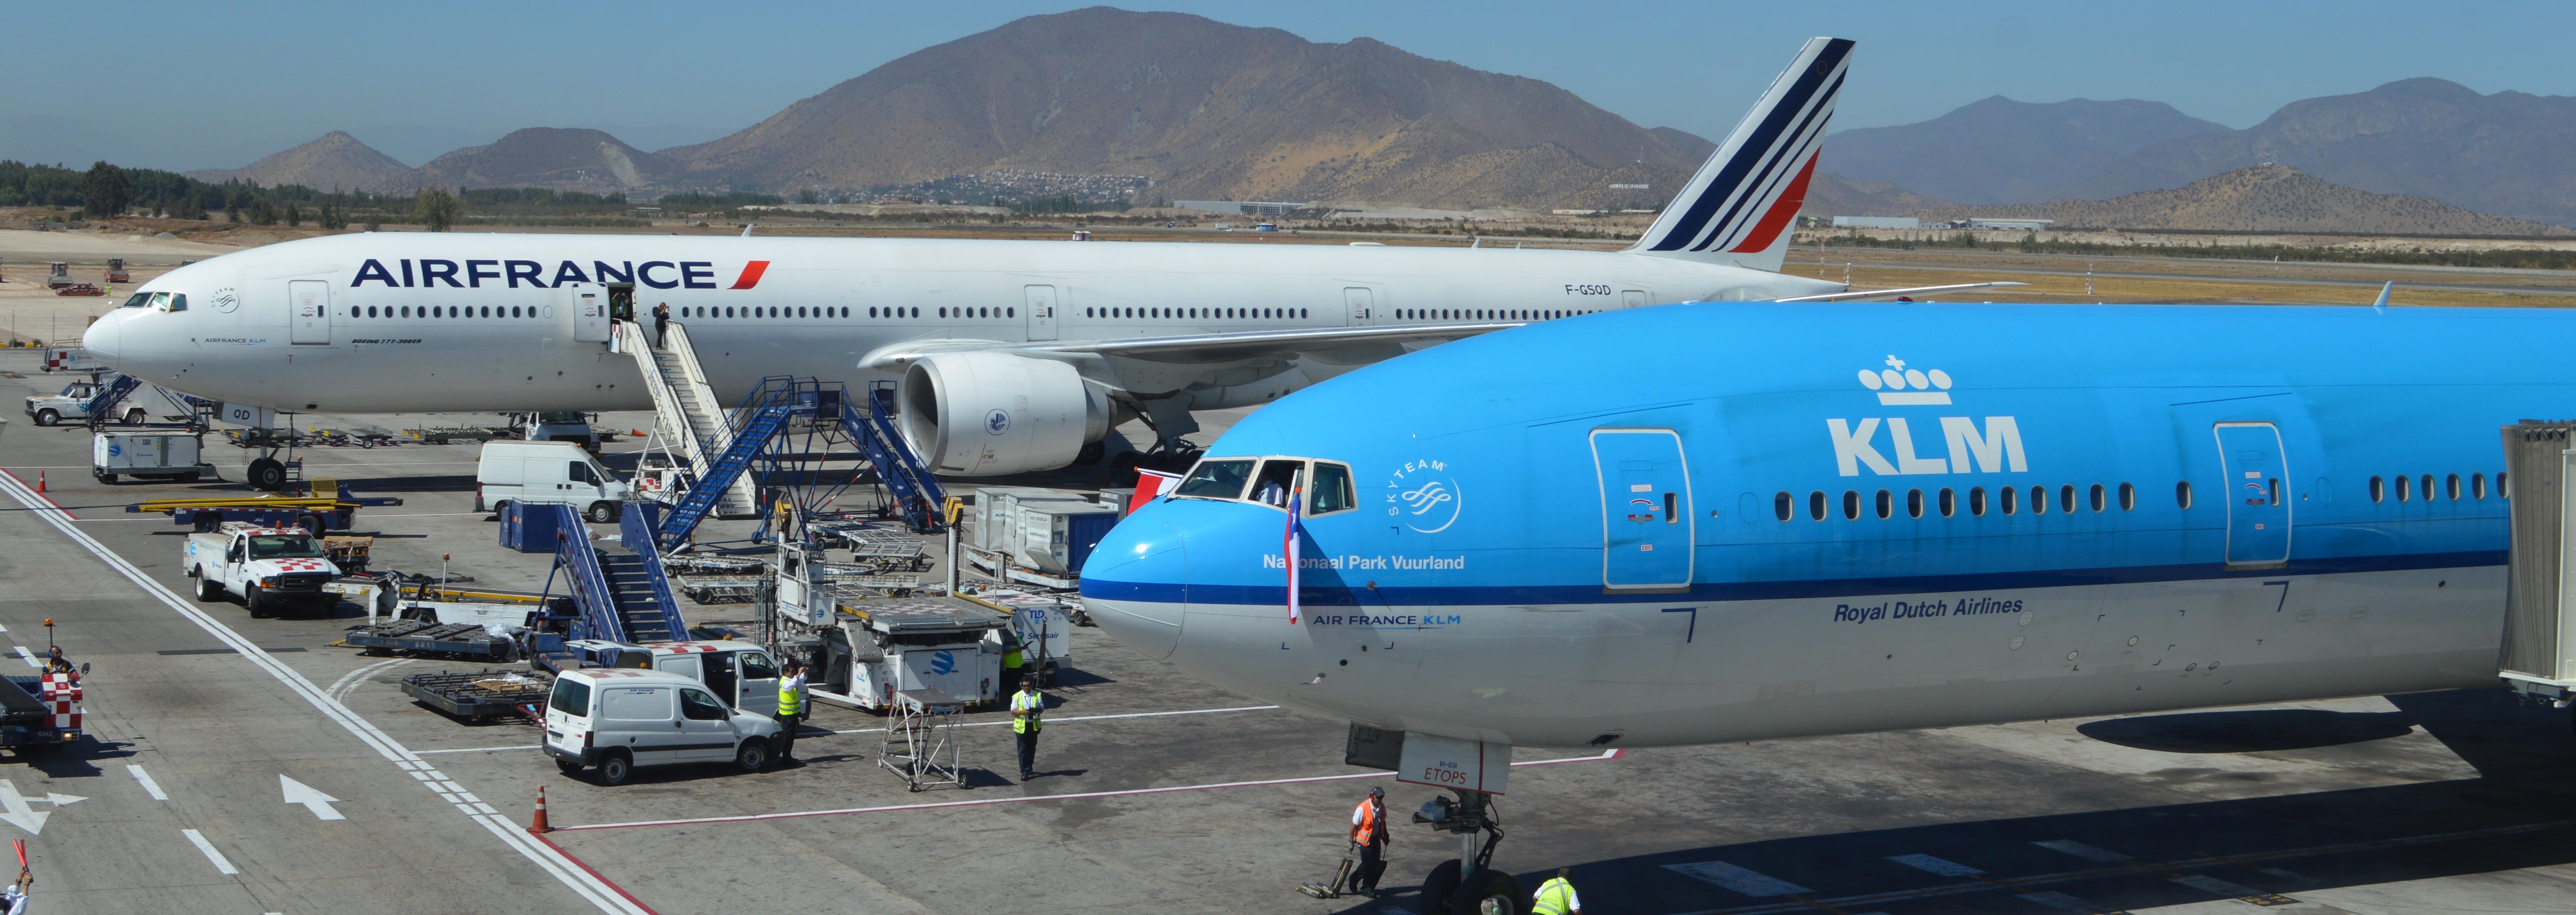 Fuerte baja en resultados trimestrales de Air France-KLM por huelgas